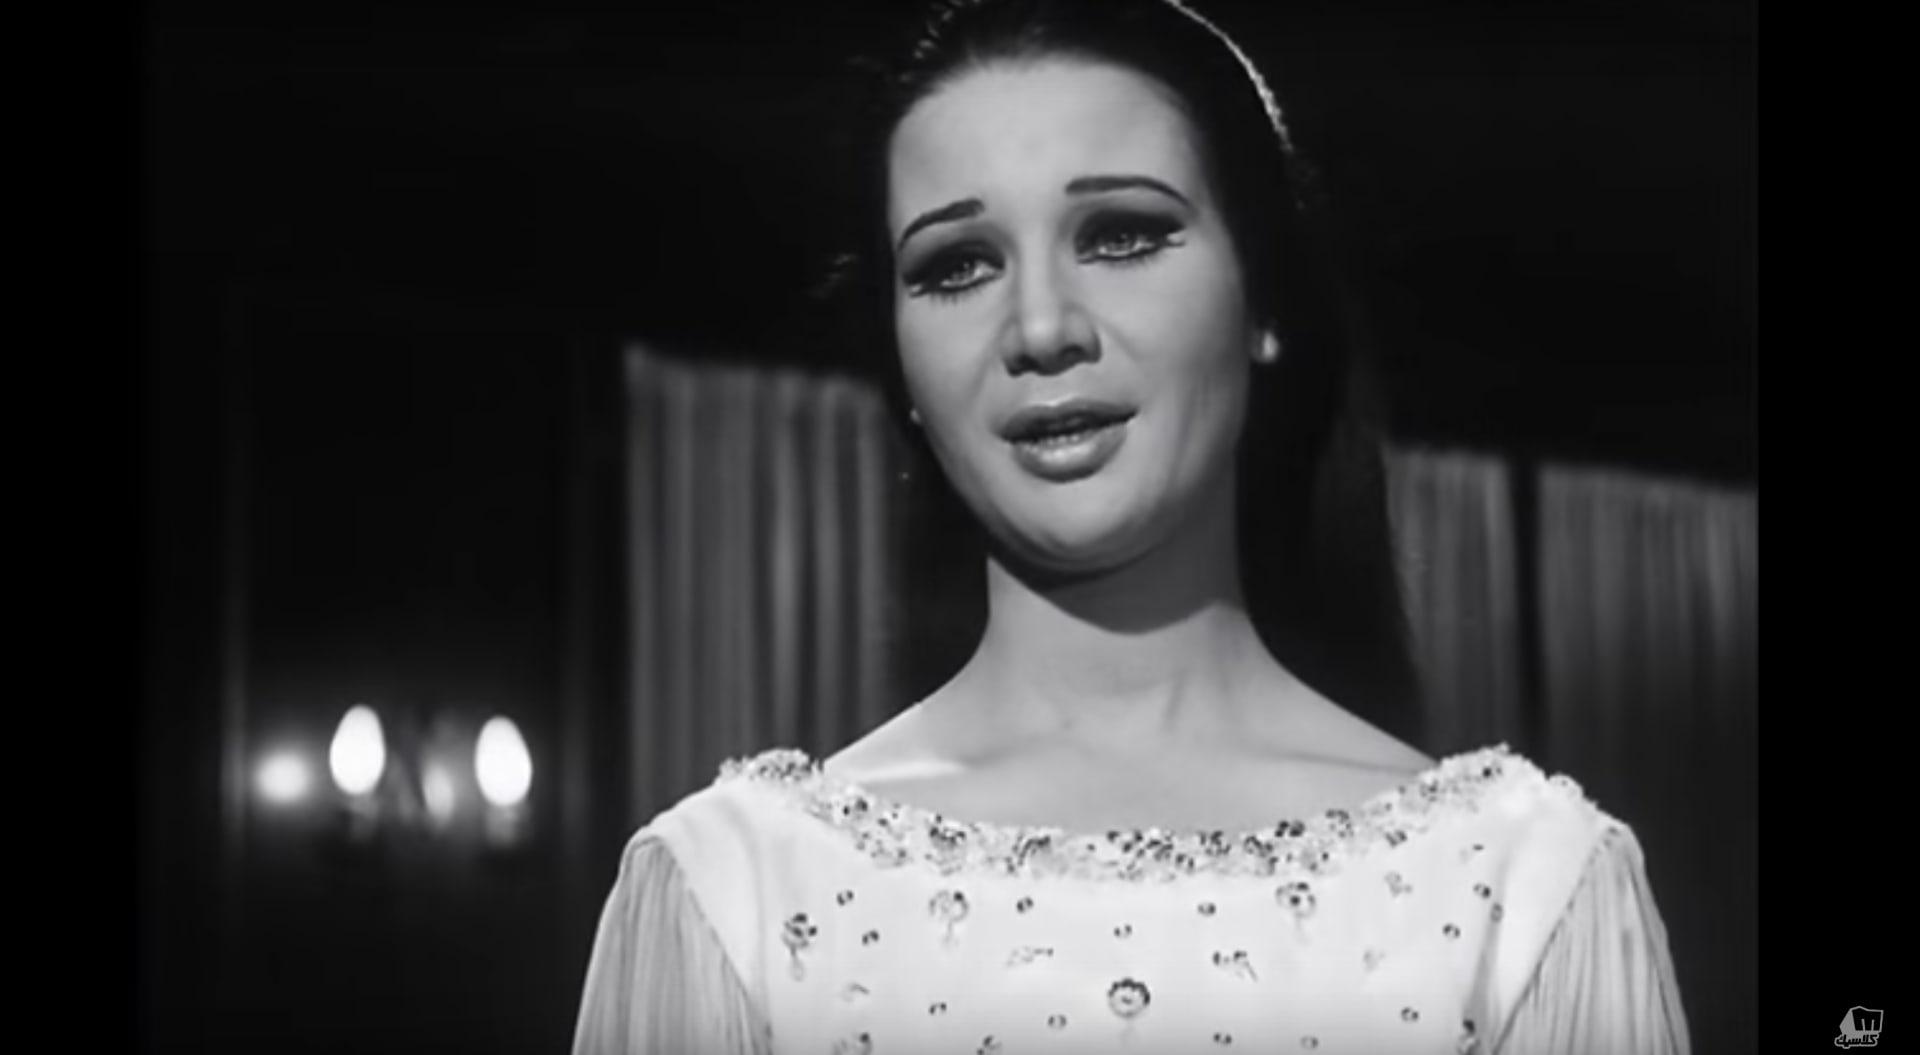 وفاة الفنانة المصرية زبيدة ثروت عن ٧٦ عاما